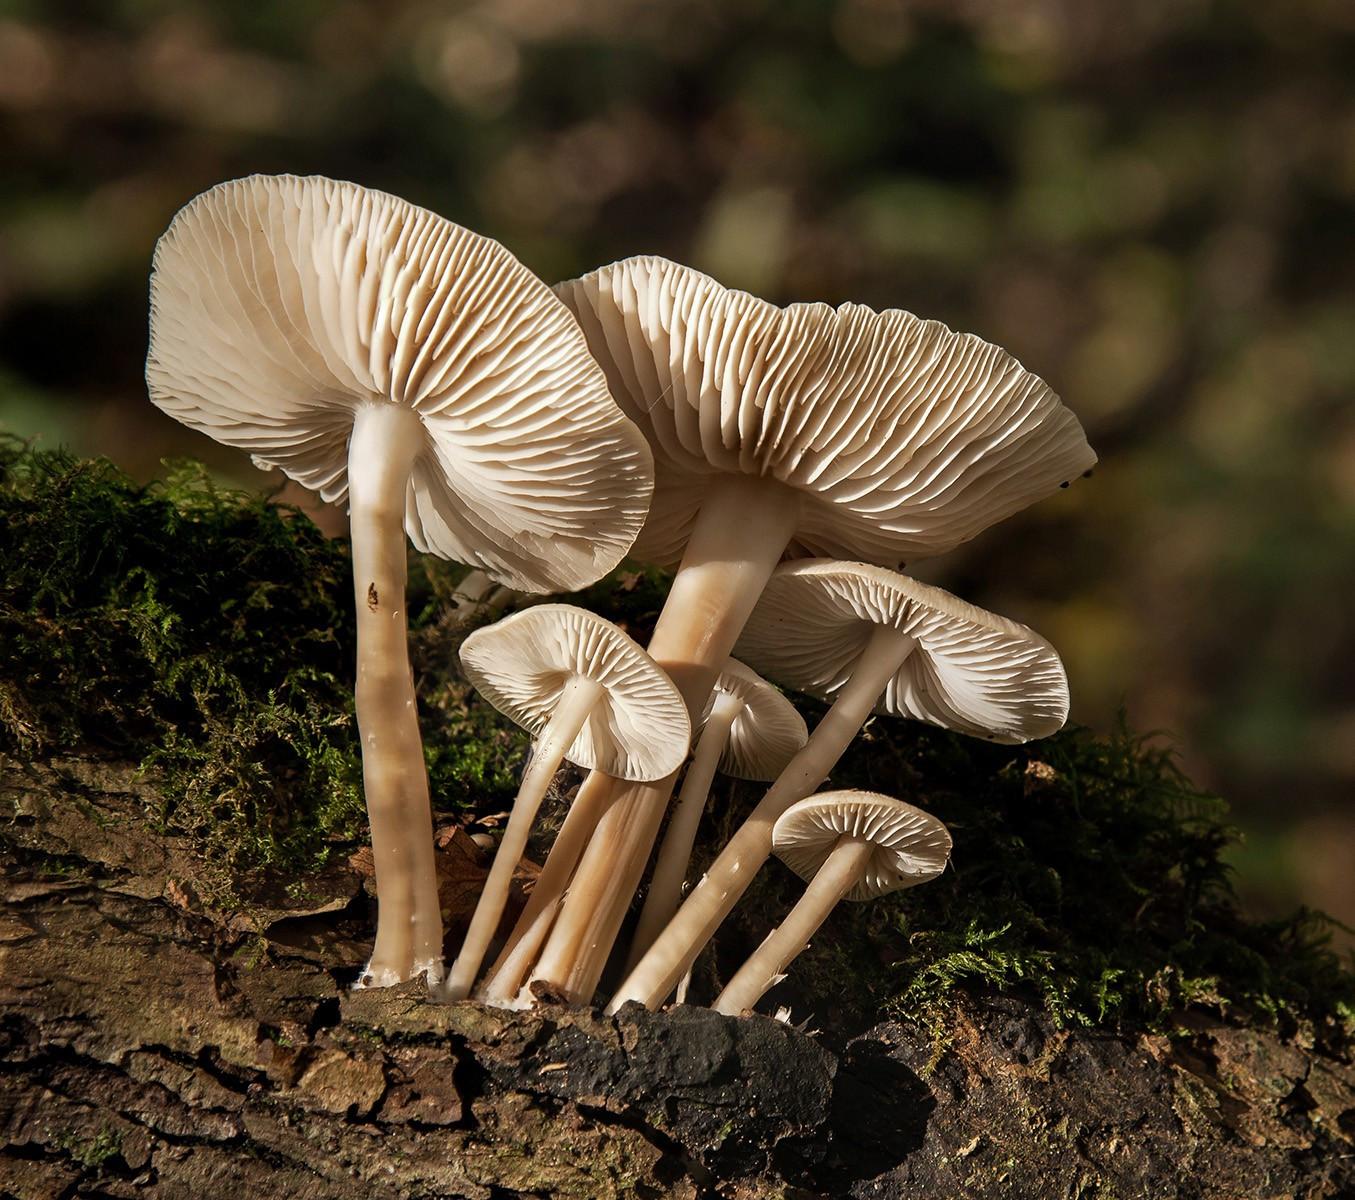 22. Common Bonnet Fungus.